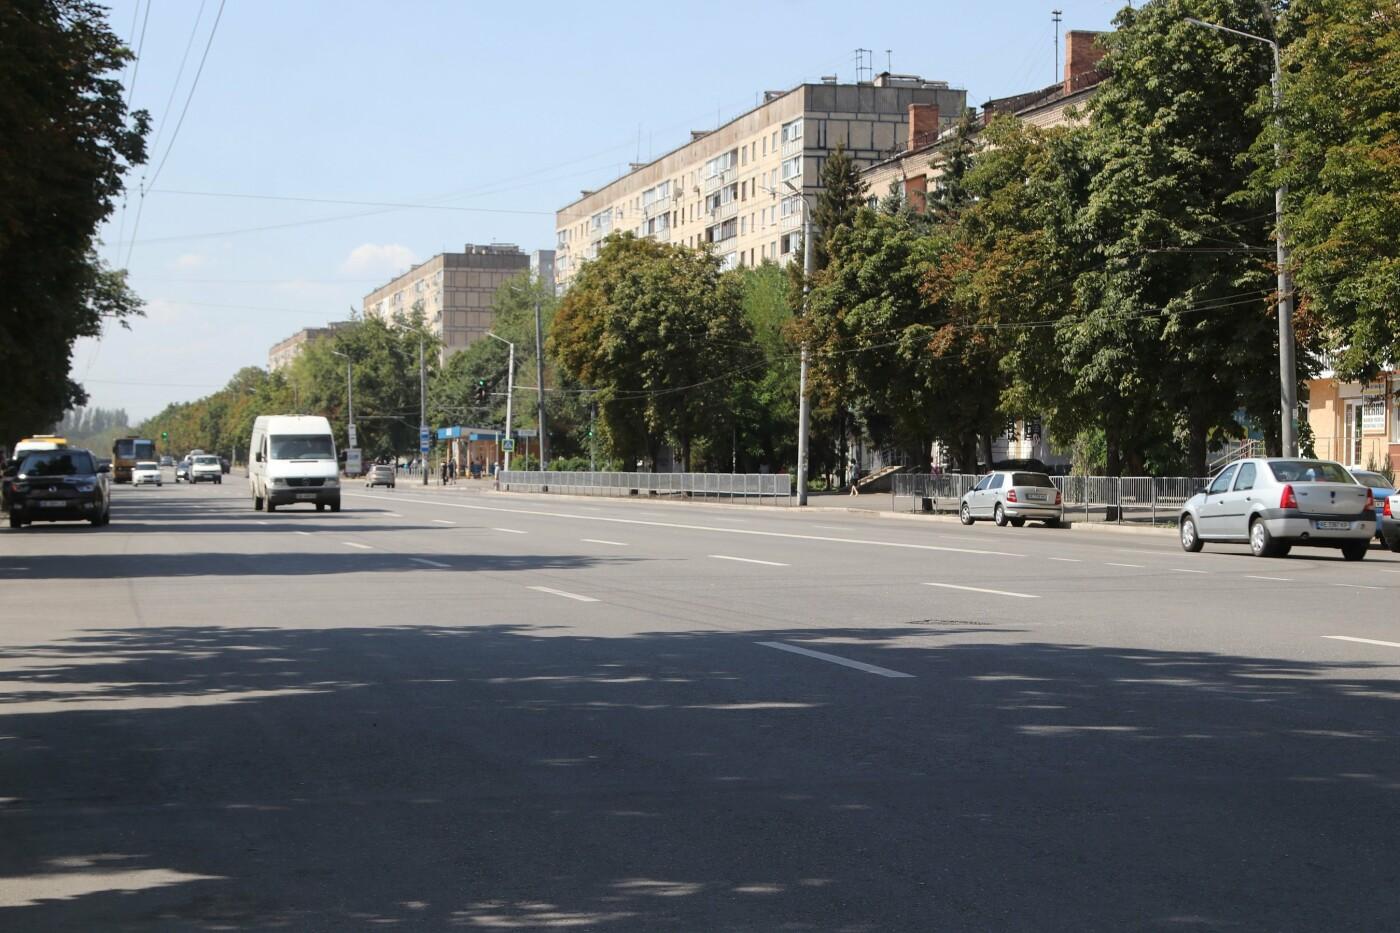 Юрій Вілкул: Продовжуємо розвиток інфраструктури Кривого Рогу - завершили два великих дорожніх проєкти з капремонту по проспекту 200-річчя..., фото-3